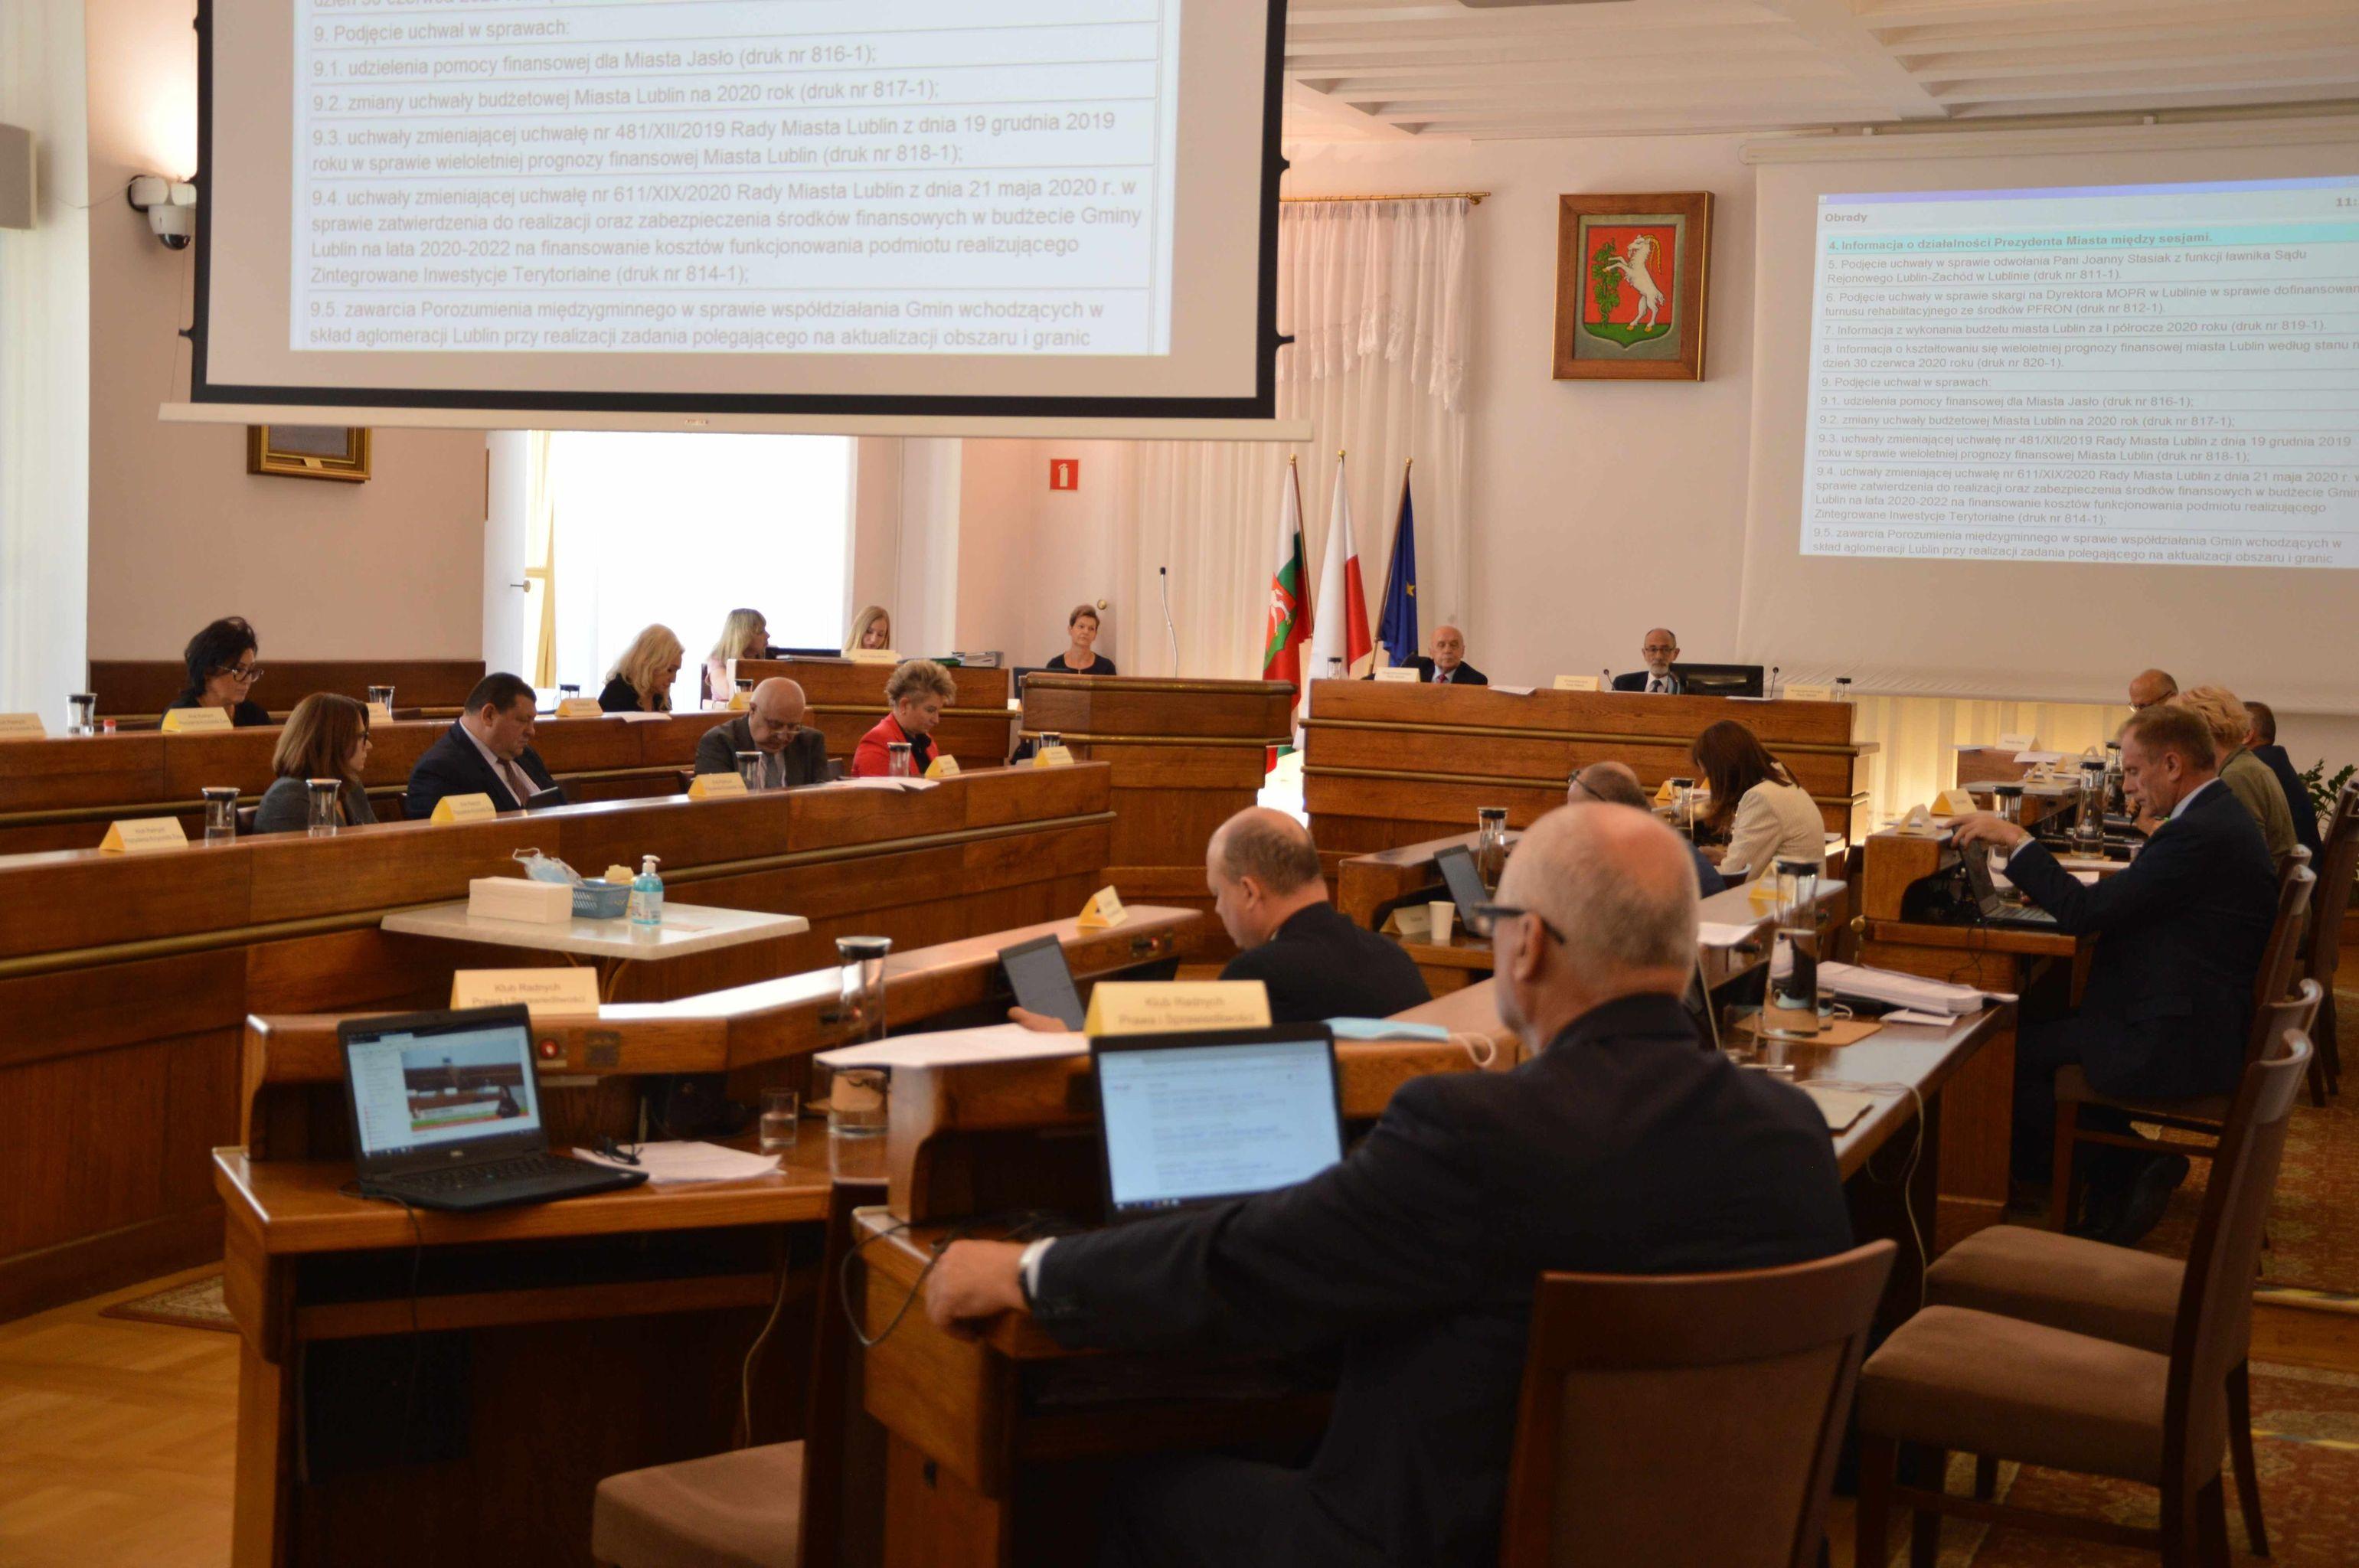 Lublinianie będą mogli oglądać posiedzenia komisji Rady Miasta - Zdjęcie główne